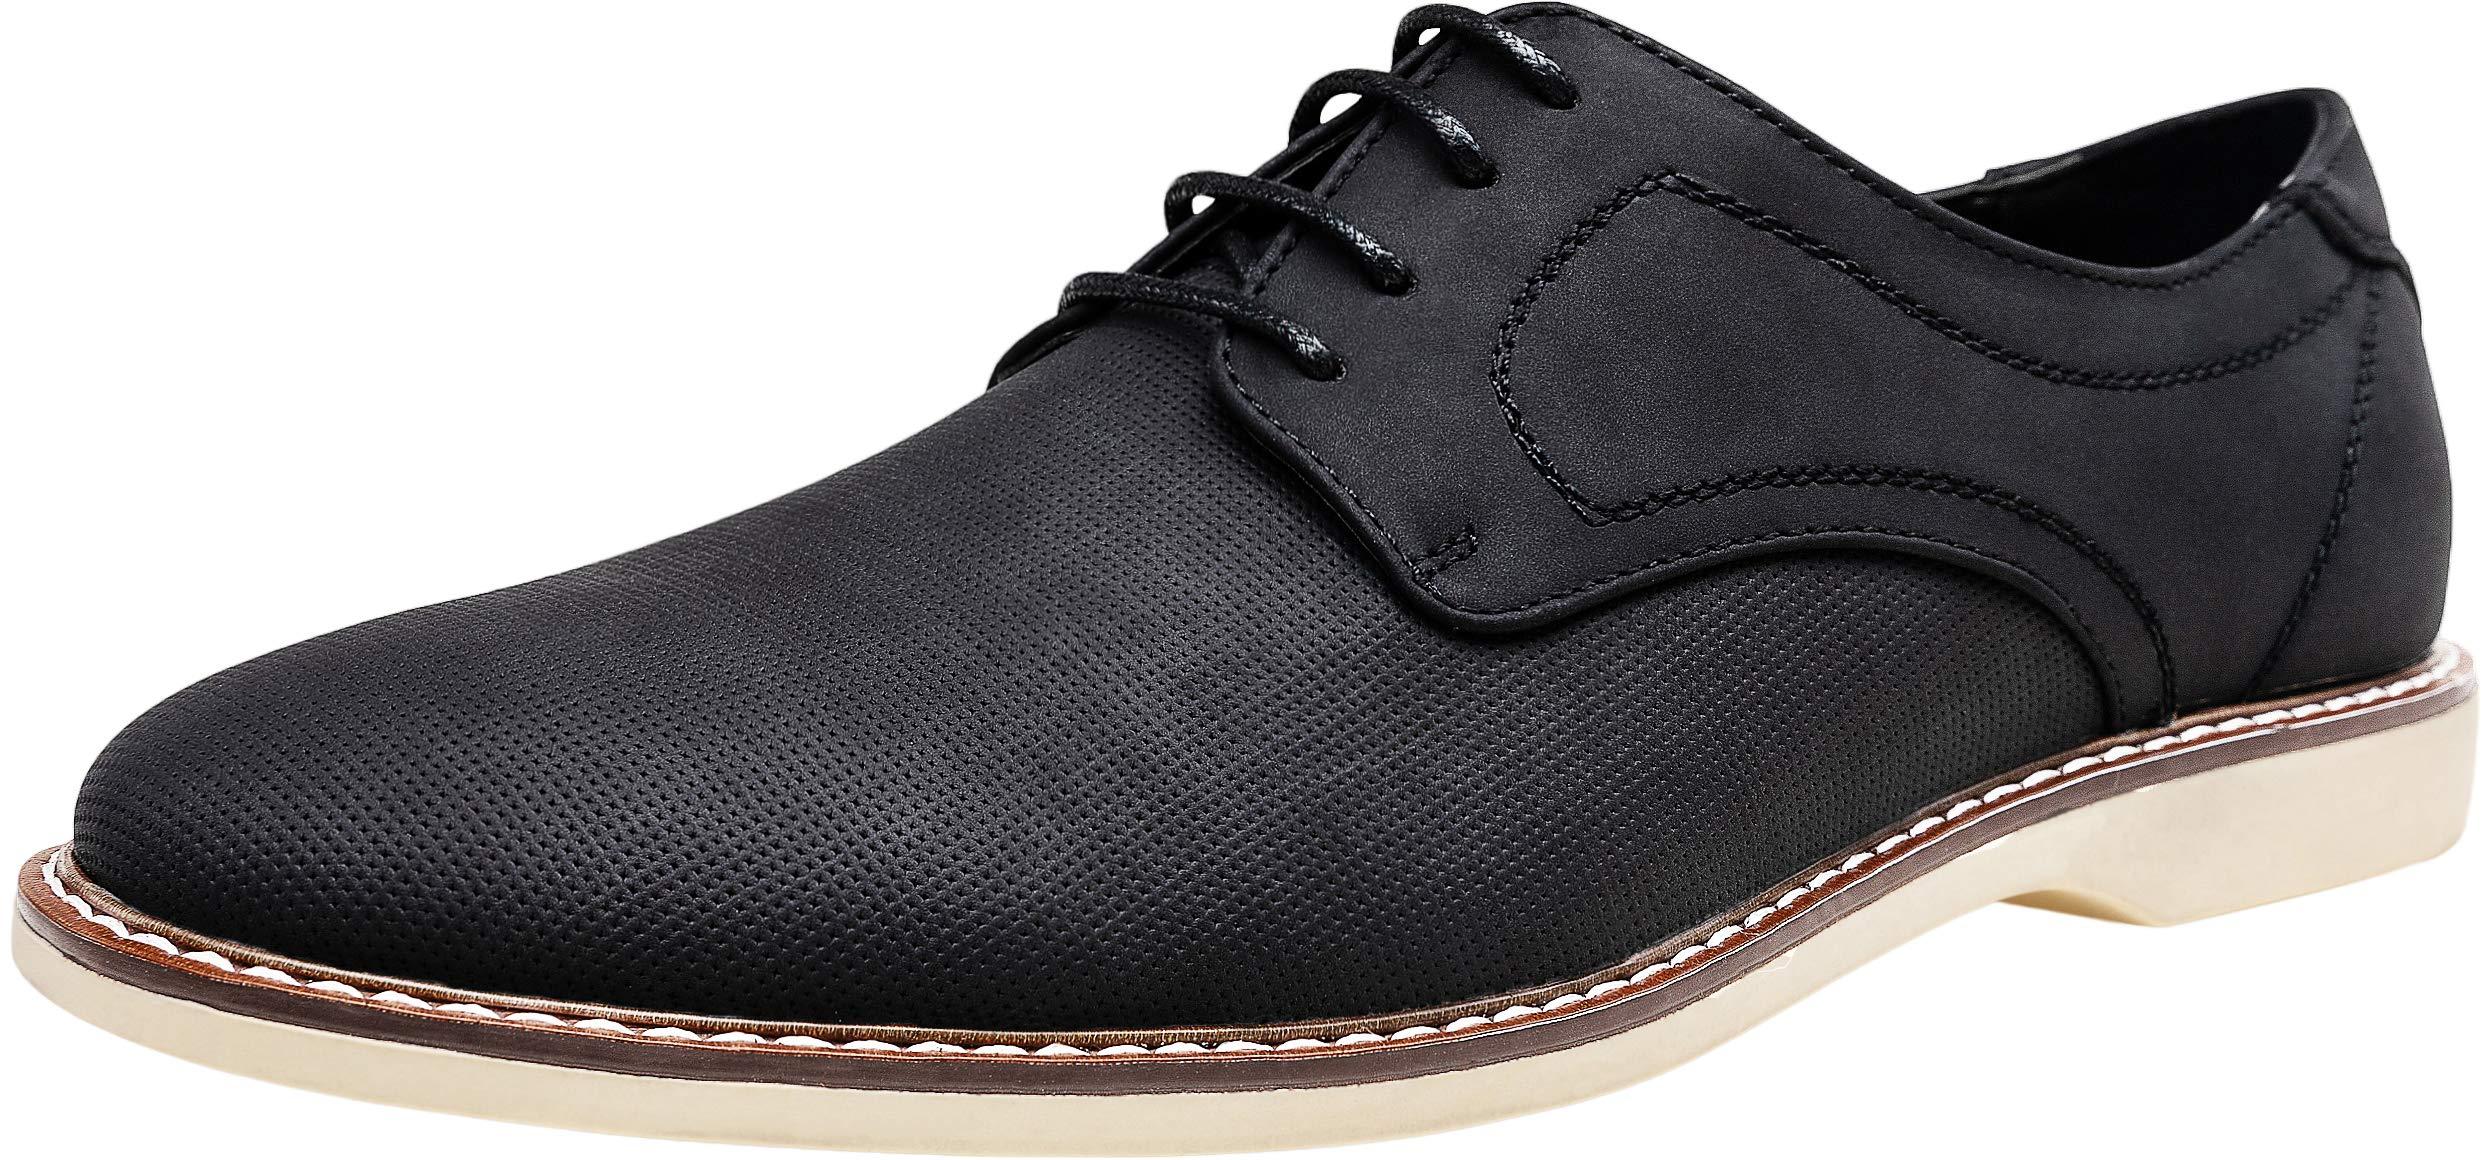 JOUSEN Men's Oxford Shoes Classic Breathable Shoe Plain Toe Business Casual Shoes Men (12,Black-f)